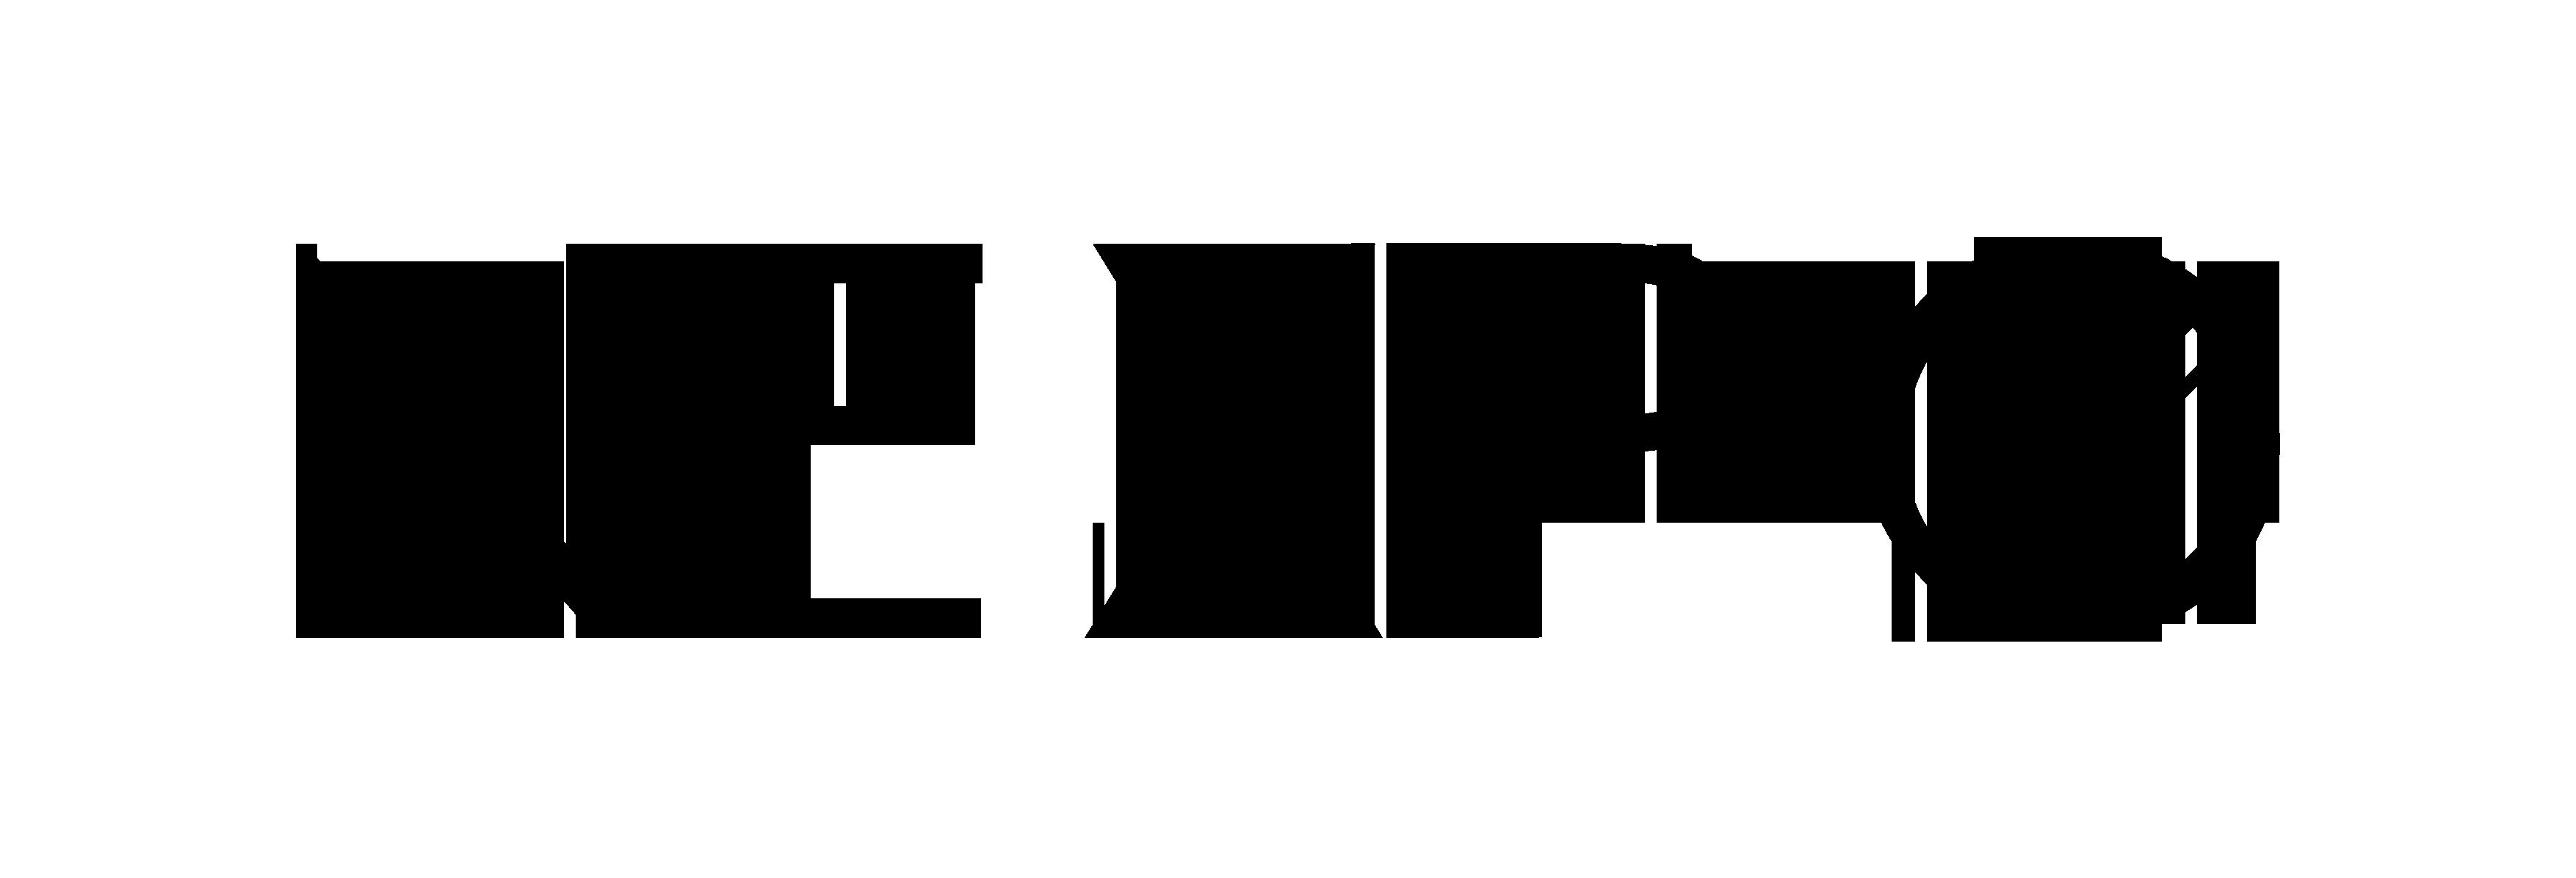 nexpo-transparent